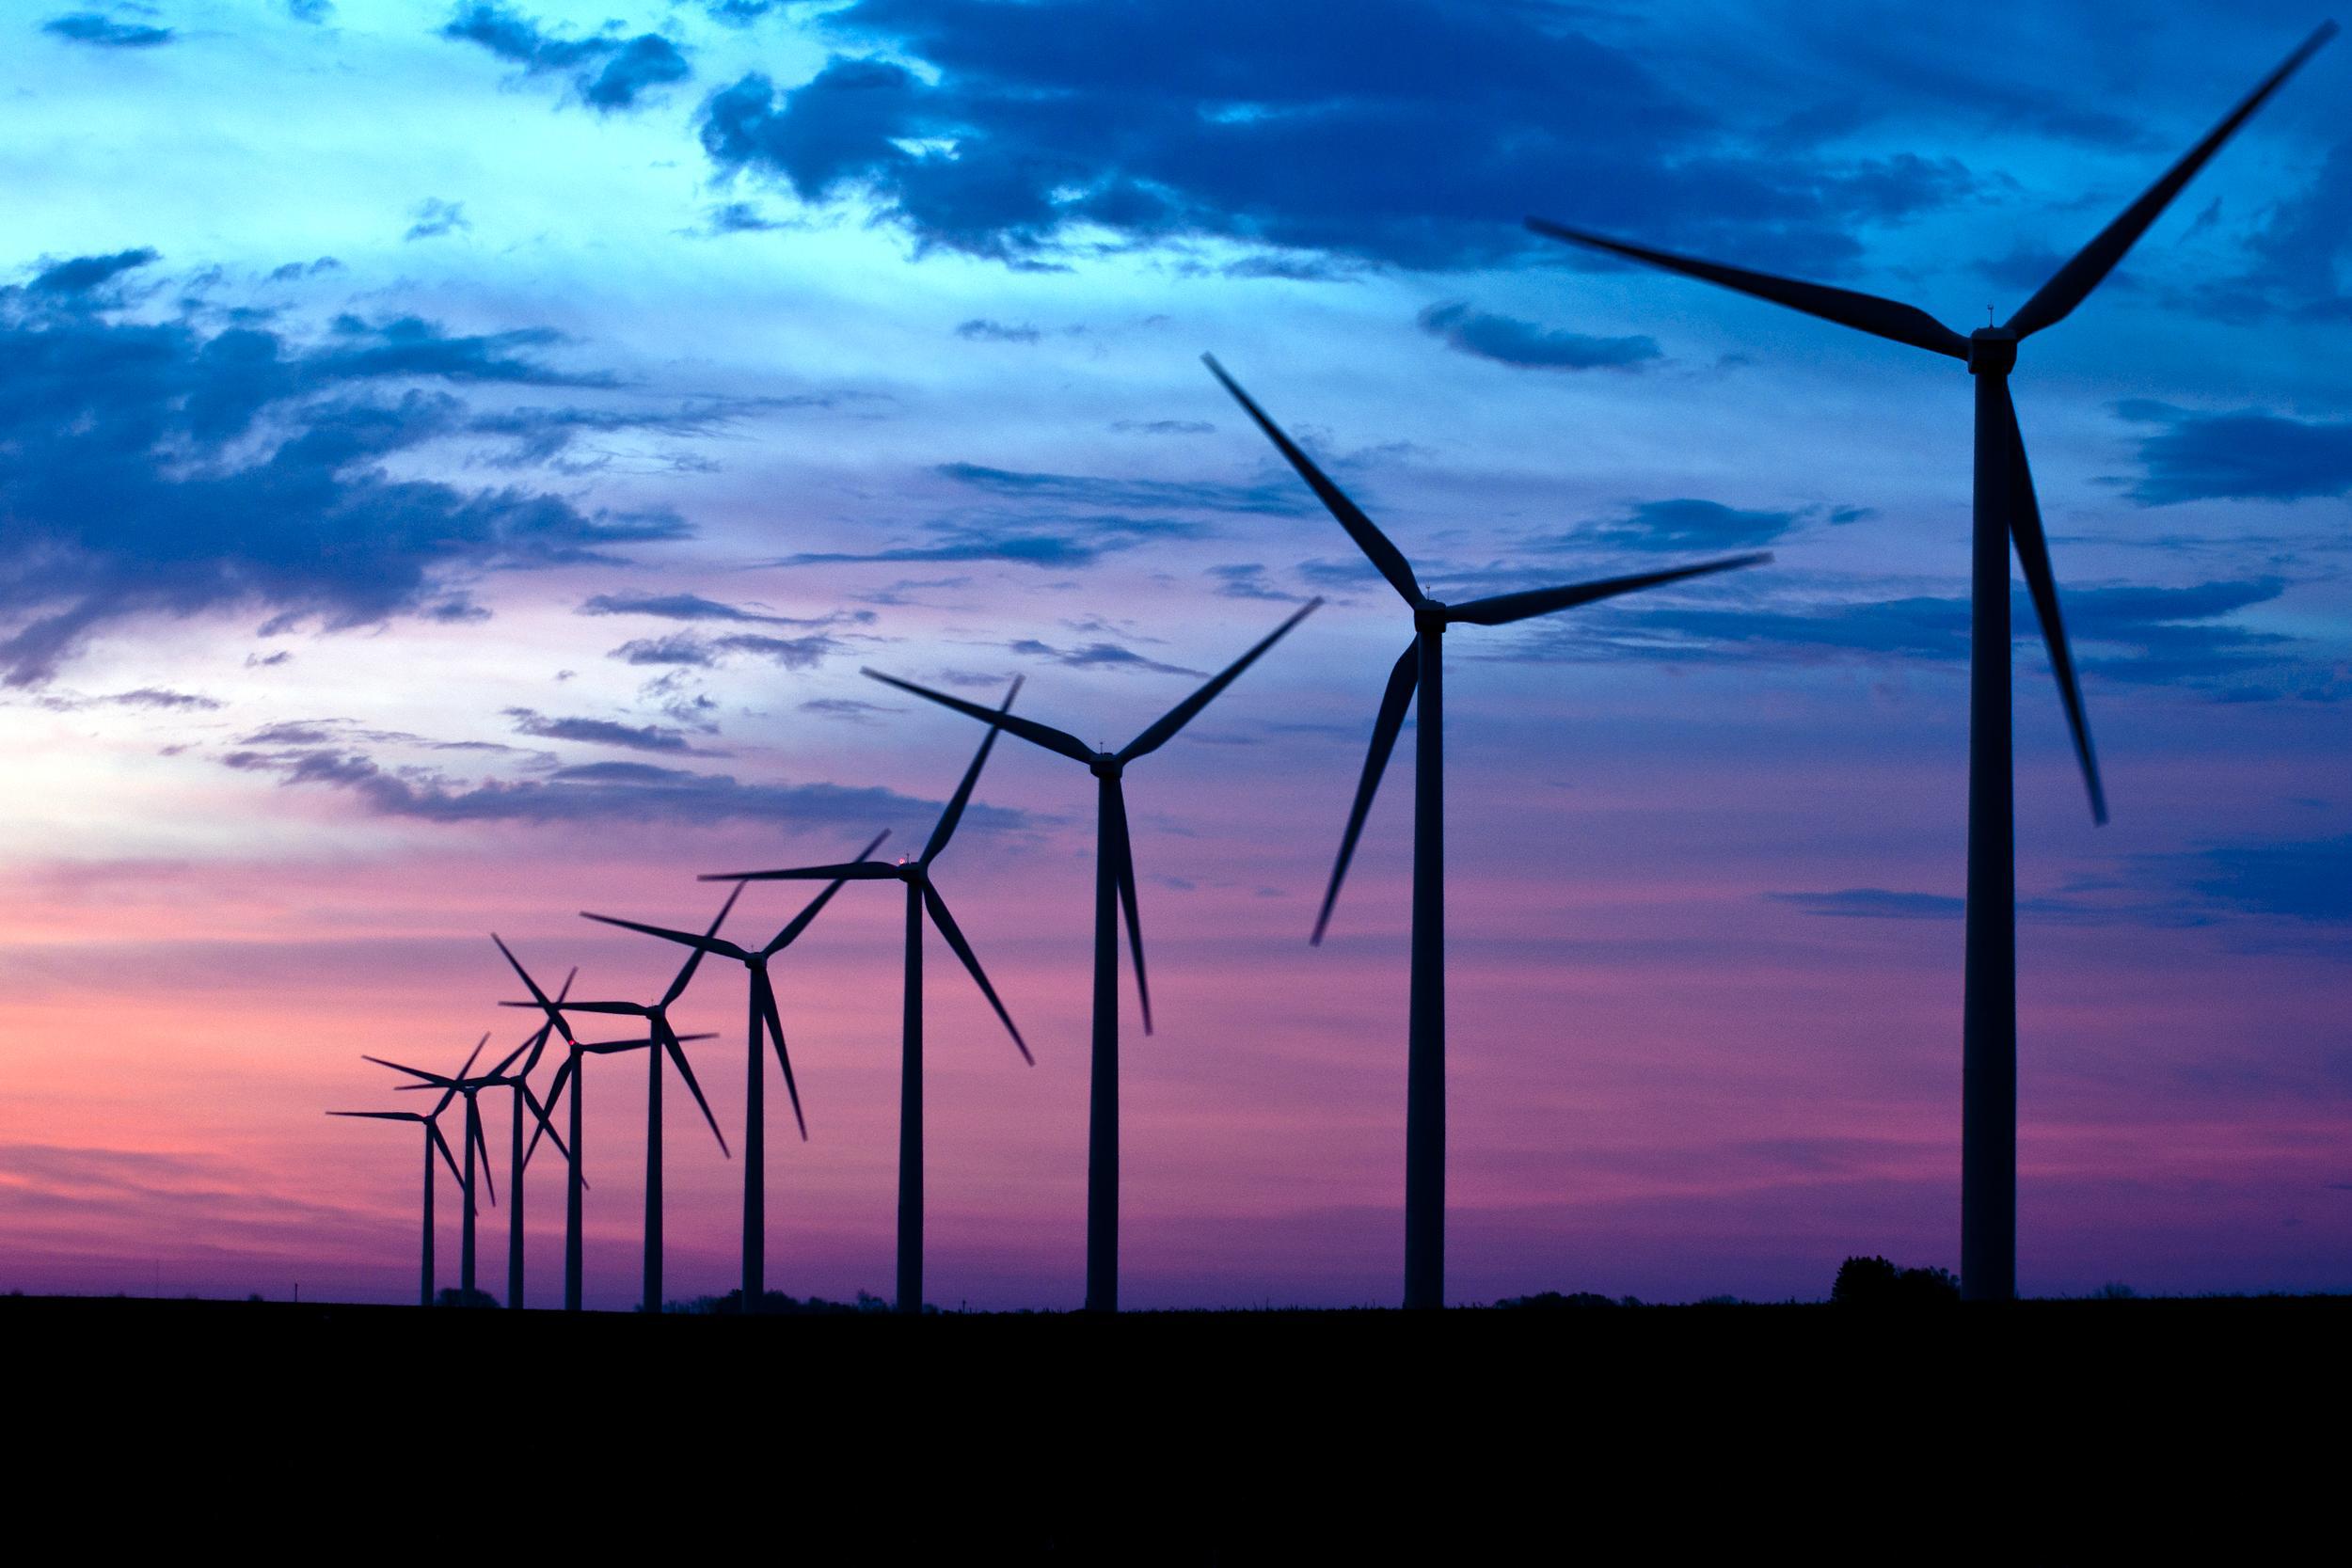 Danimarca, sempre più convinta verso la sostenibilità